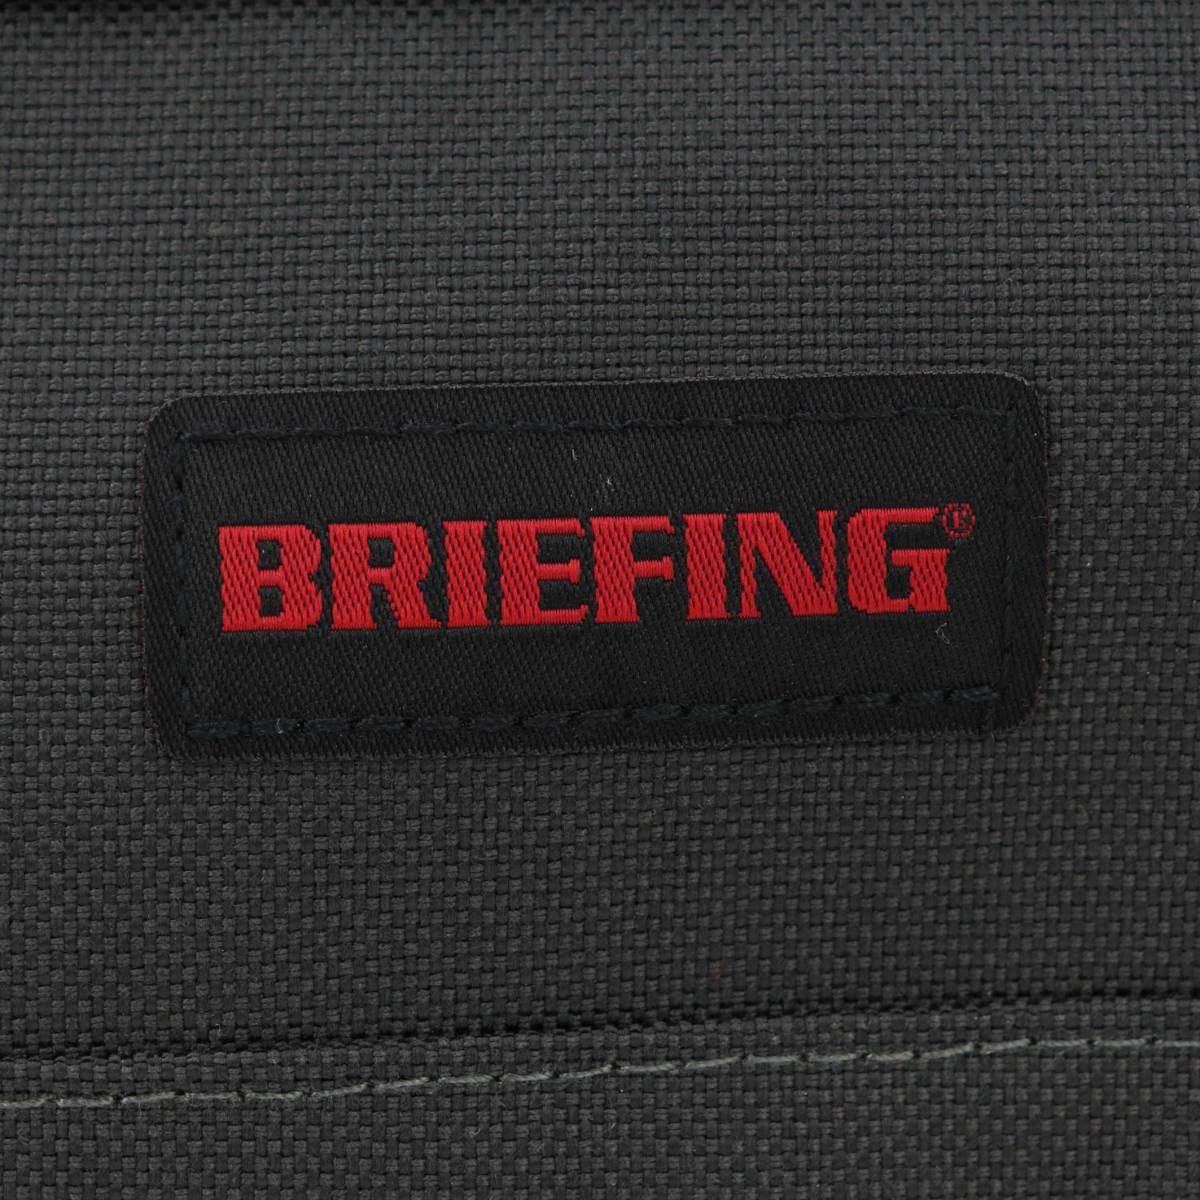 ブリーフィングゴルフ BRIEFING GOLF SUNDAY CART TOTE VORTEX カートトート VORTEX CANVAS SERIES BRG211T13 BRG 011 STEEL(チャコール) 春夏新作